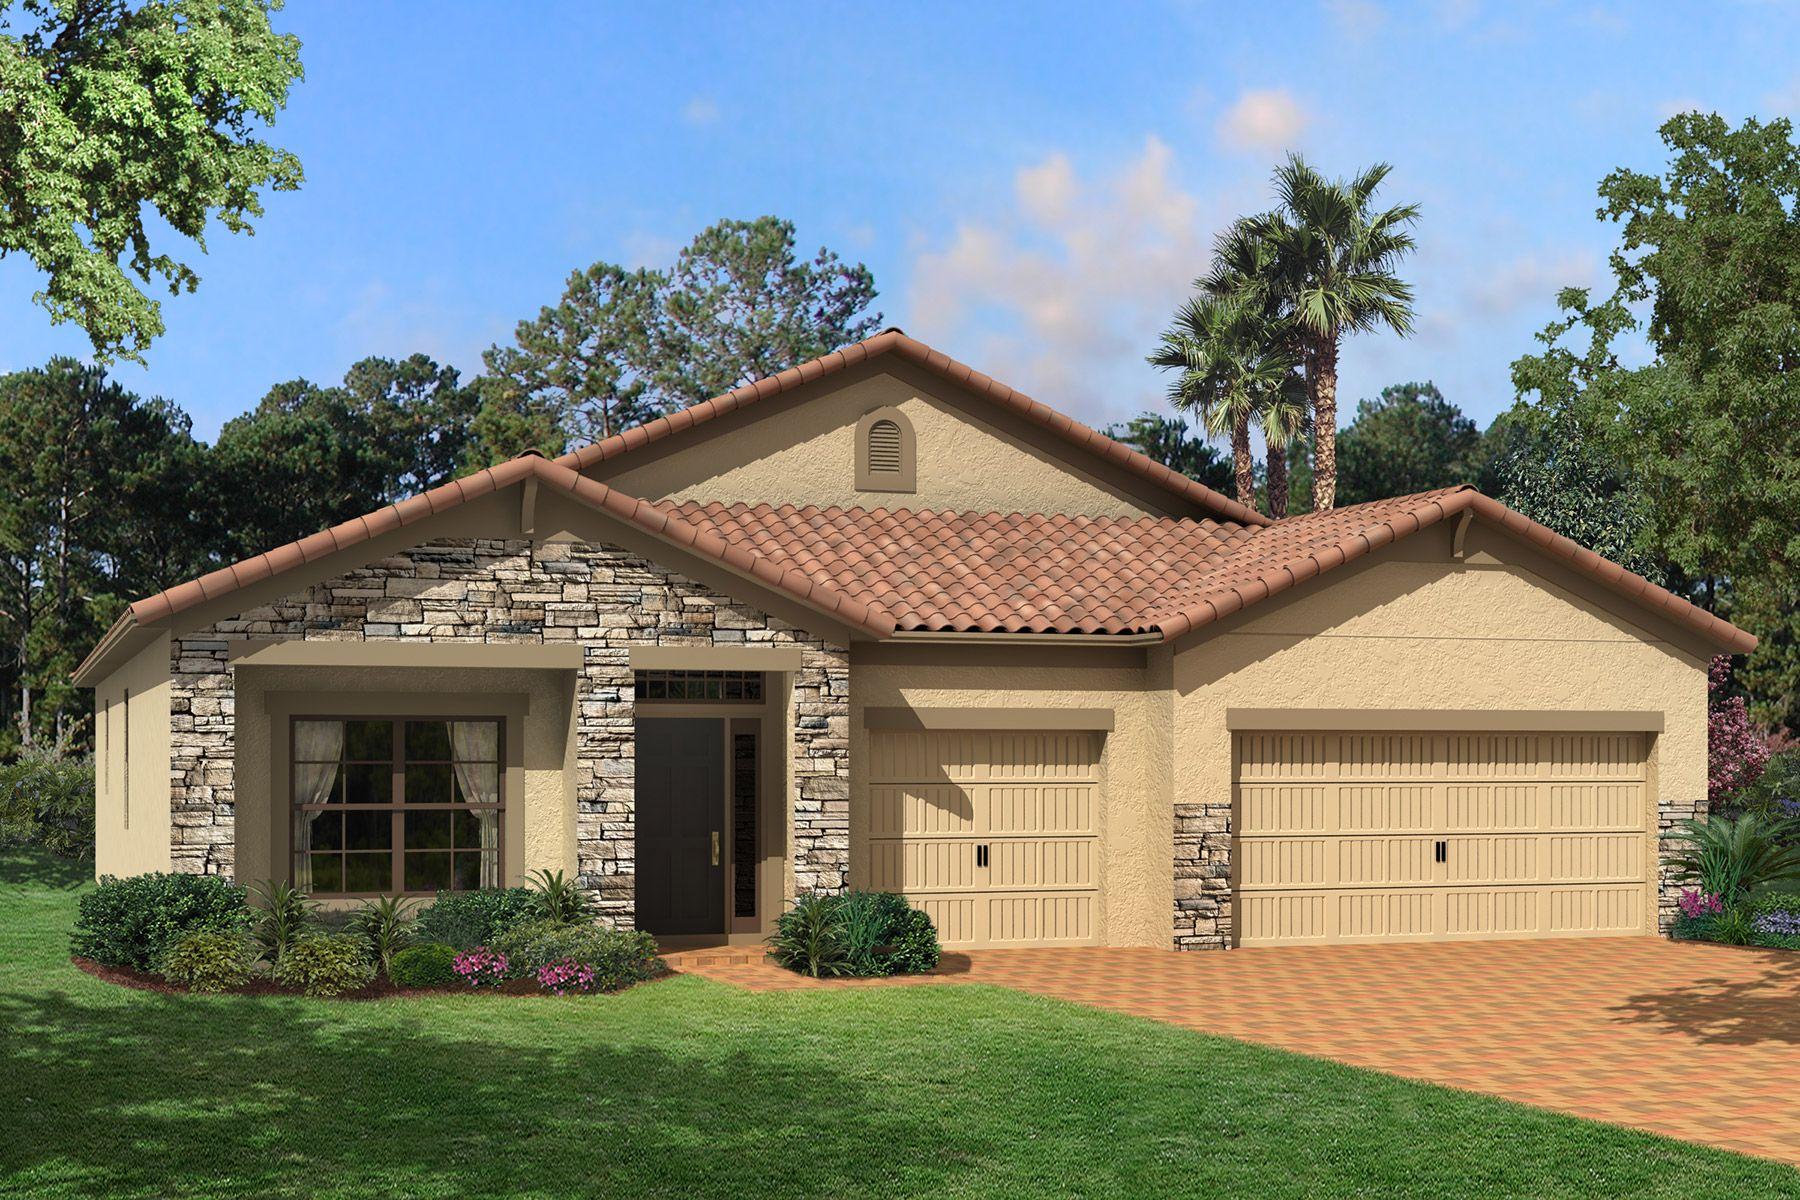 Single Family for Sale at Corina Ii 1929 Via Lago Drive Lakeland, Florida 33810 United States